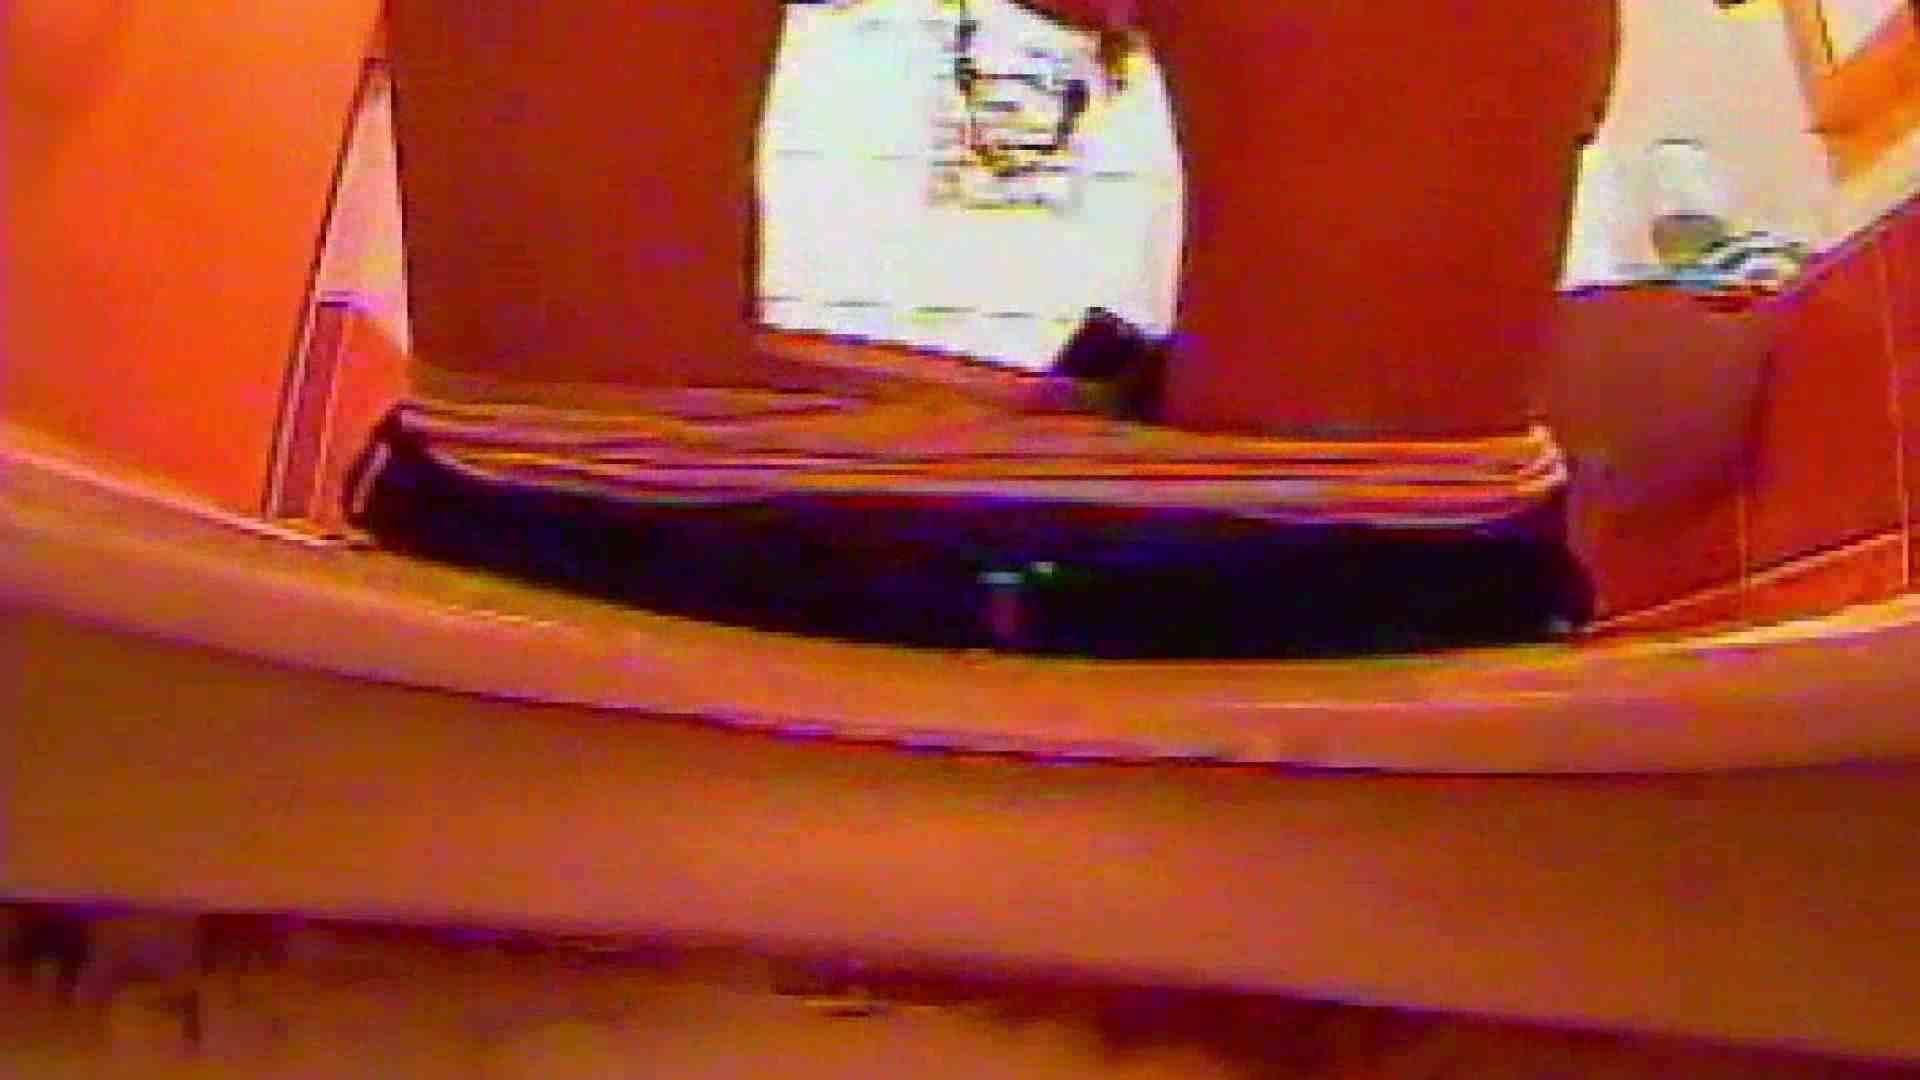 キレカワ女子大生の秘密の洗面所!Vol.011 盗撮特集 | バックショット  56画像 17